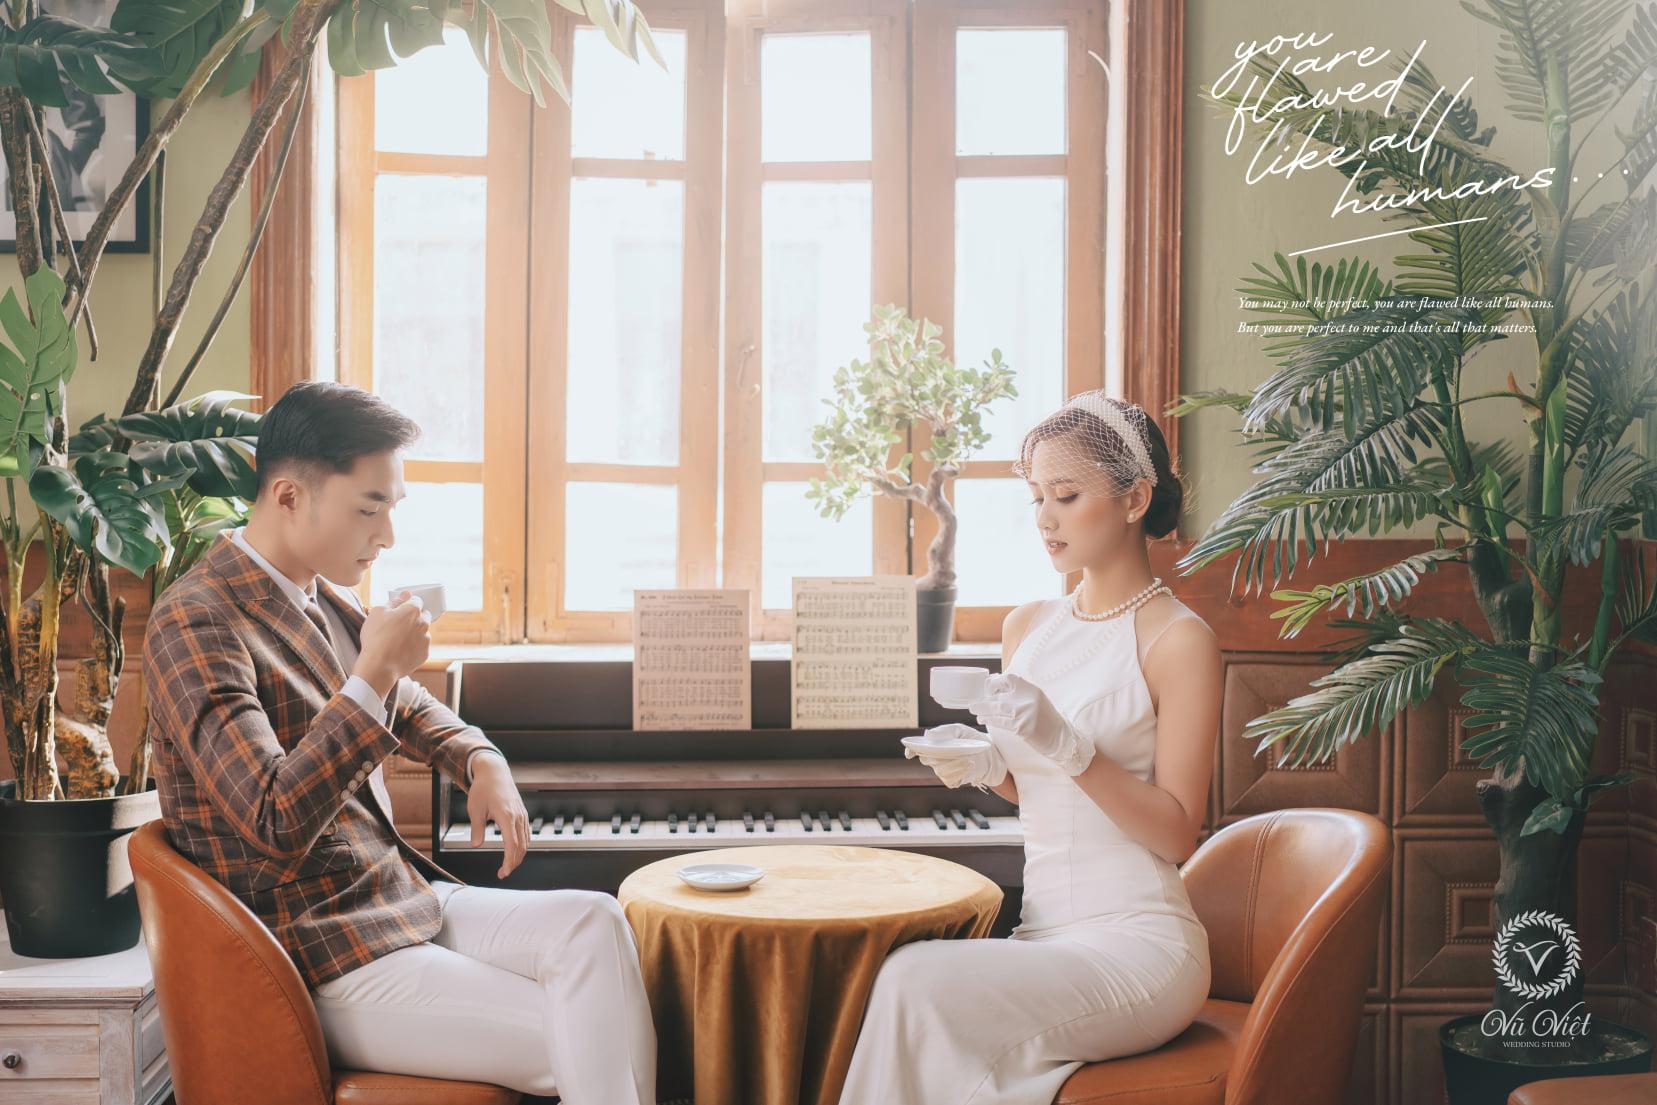 Vũ Việt - Studio chụp ảnh cưới ở Giang